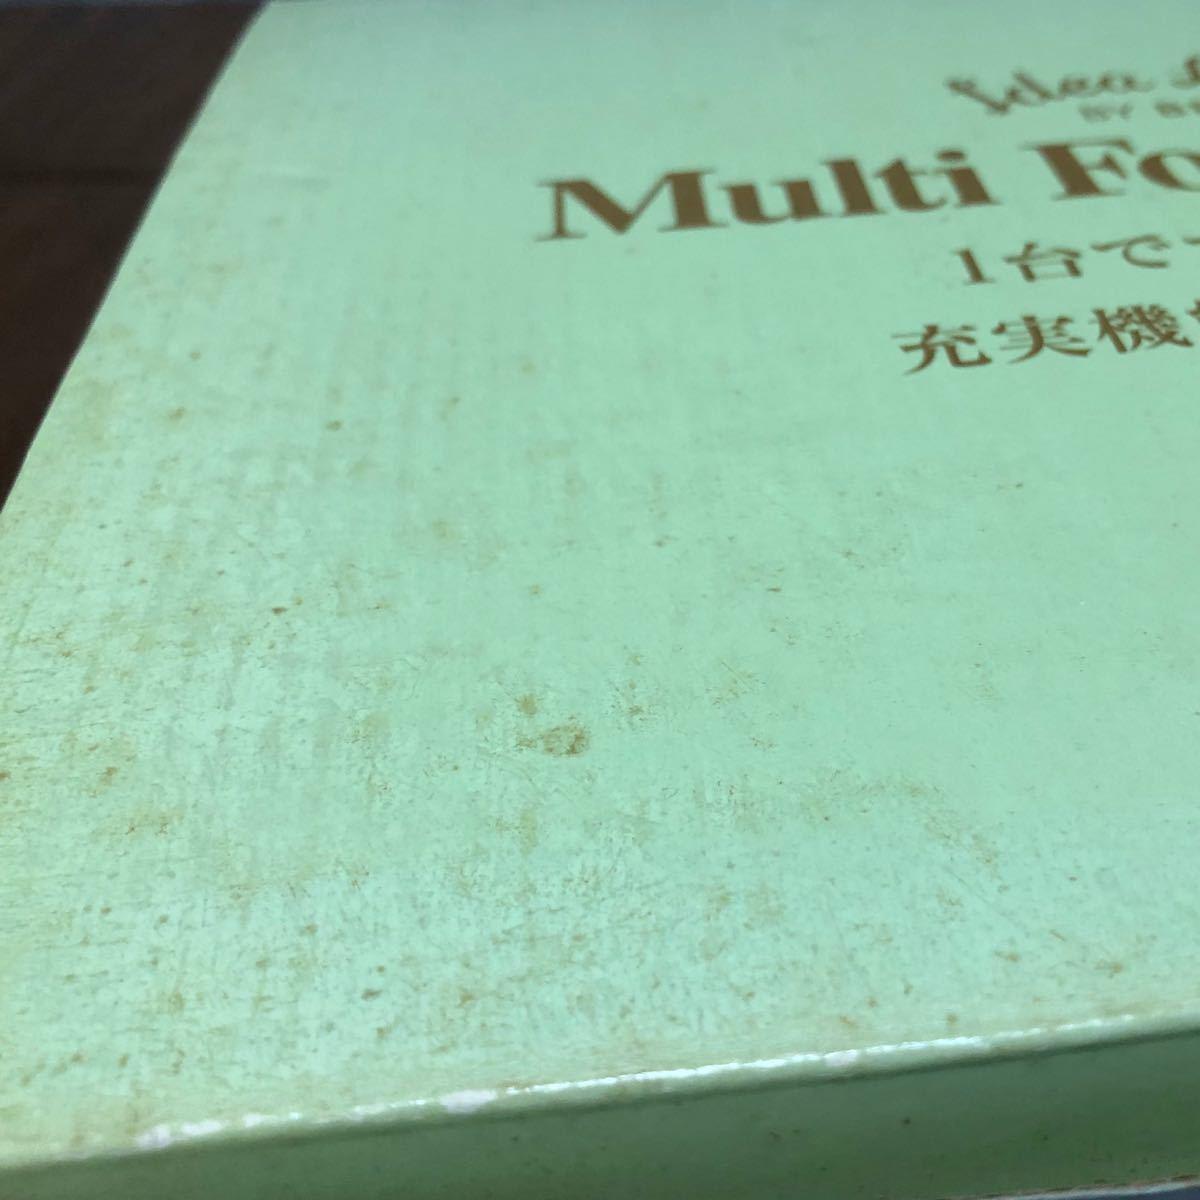 【値下げ】イデアインターナショナル マルチフードカッター グリーン IOE003-GR